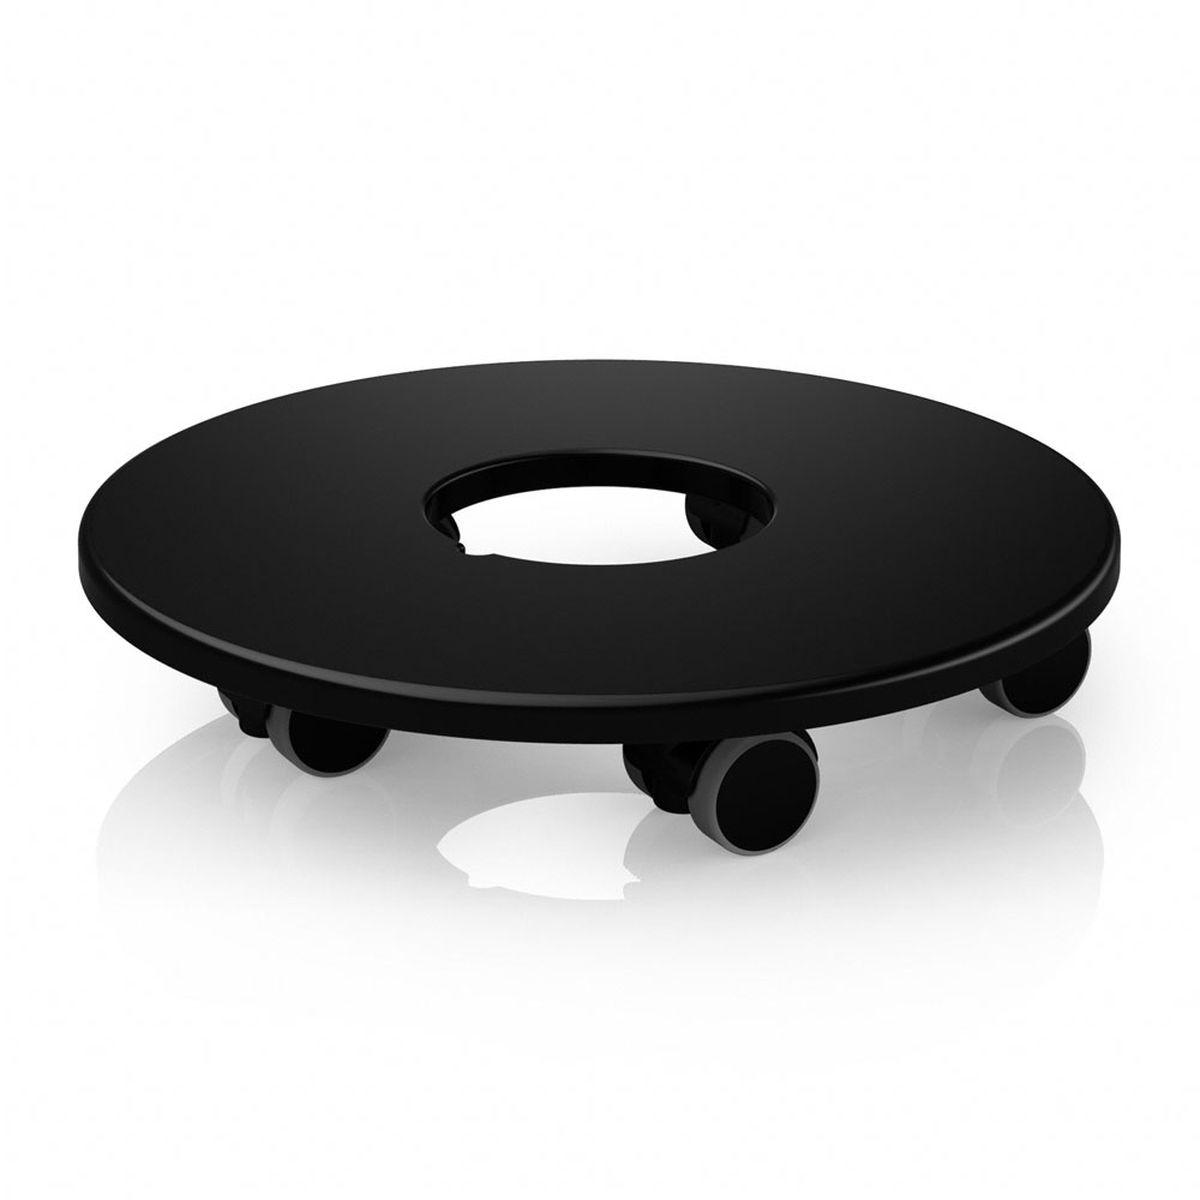 Подставка для кашпо Lechuza, на колесах, диаметр 25,5 см19880Подставка Lechuza, выполненная из высококачественного пластика, предназначено для кашпо из серий Classico и Quadro. Изделие оснащено пятью прорезиненными колесами. Такая подставка обеспечивает объемным и тяжелым кашпо мобильность во всех направлениях. С помощью передвижной подставки Lechuza, вы сможете озеленить любой уголок в доме, офисе, на даче или любых общественных местах. Диаметр поставки: 25,5 см. Внутренний диаметр: 10 см.